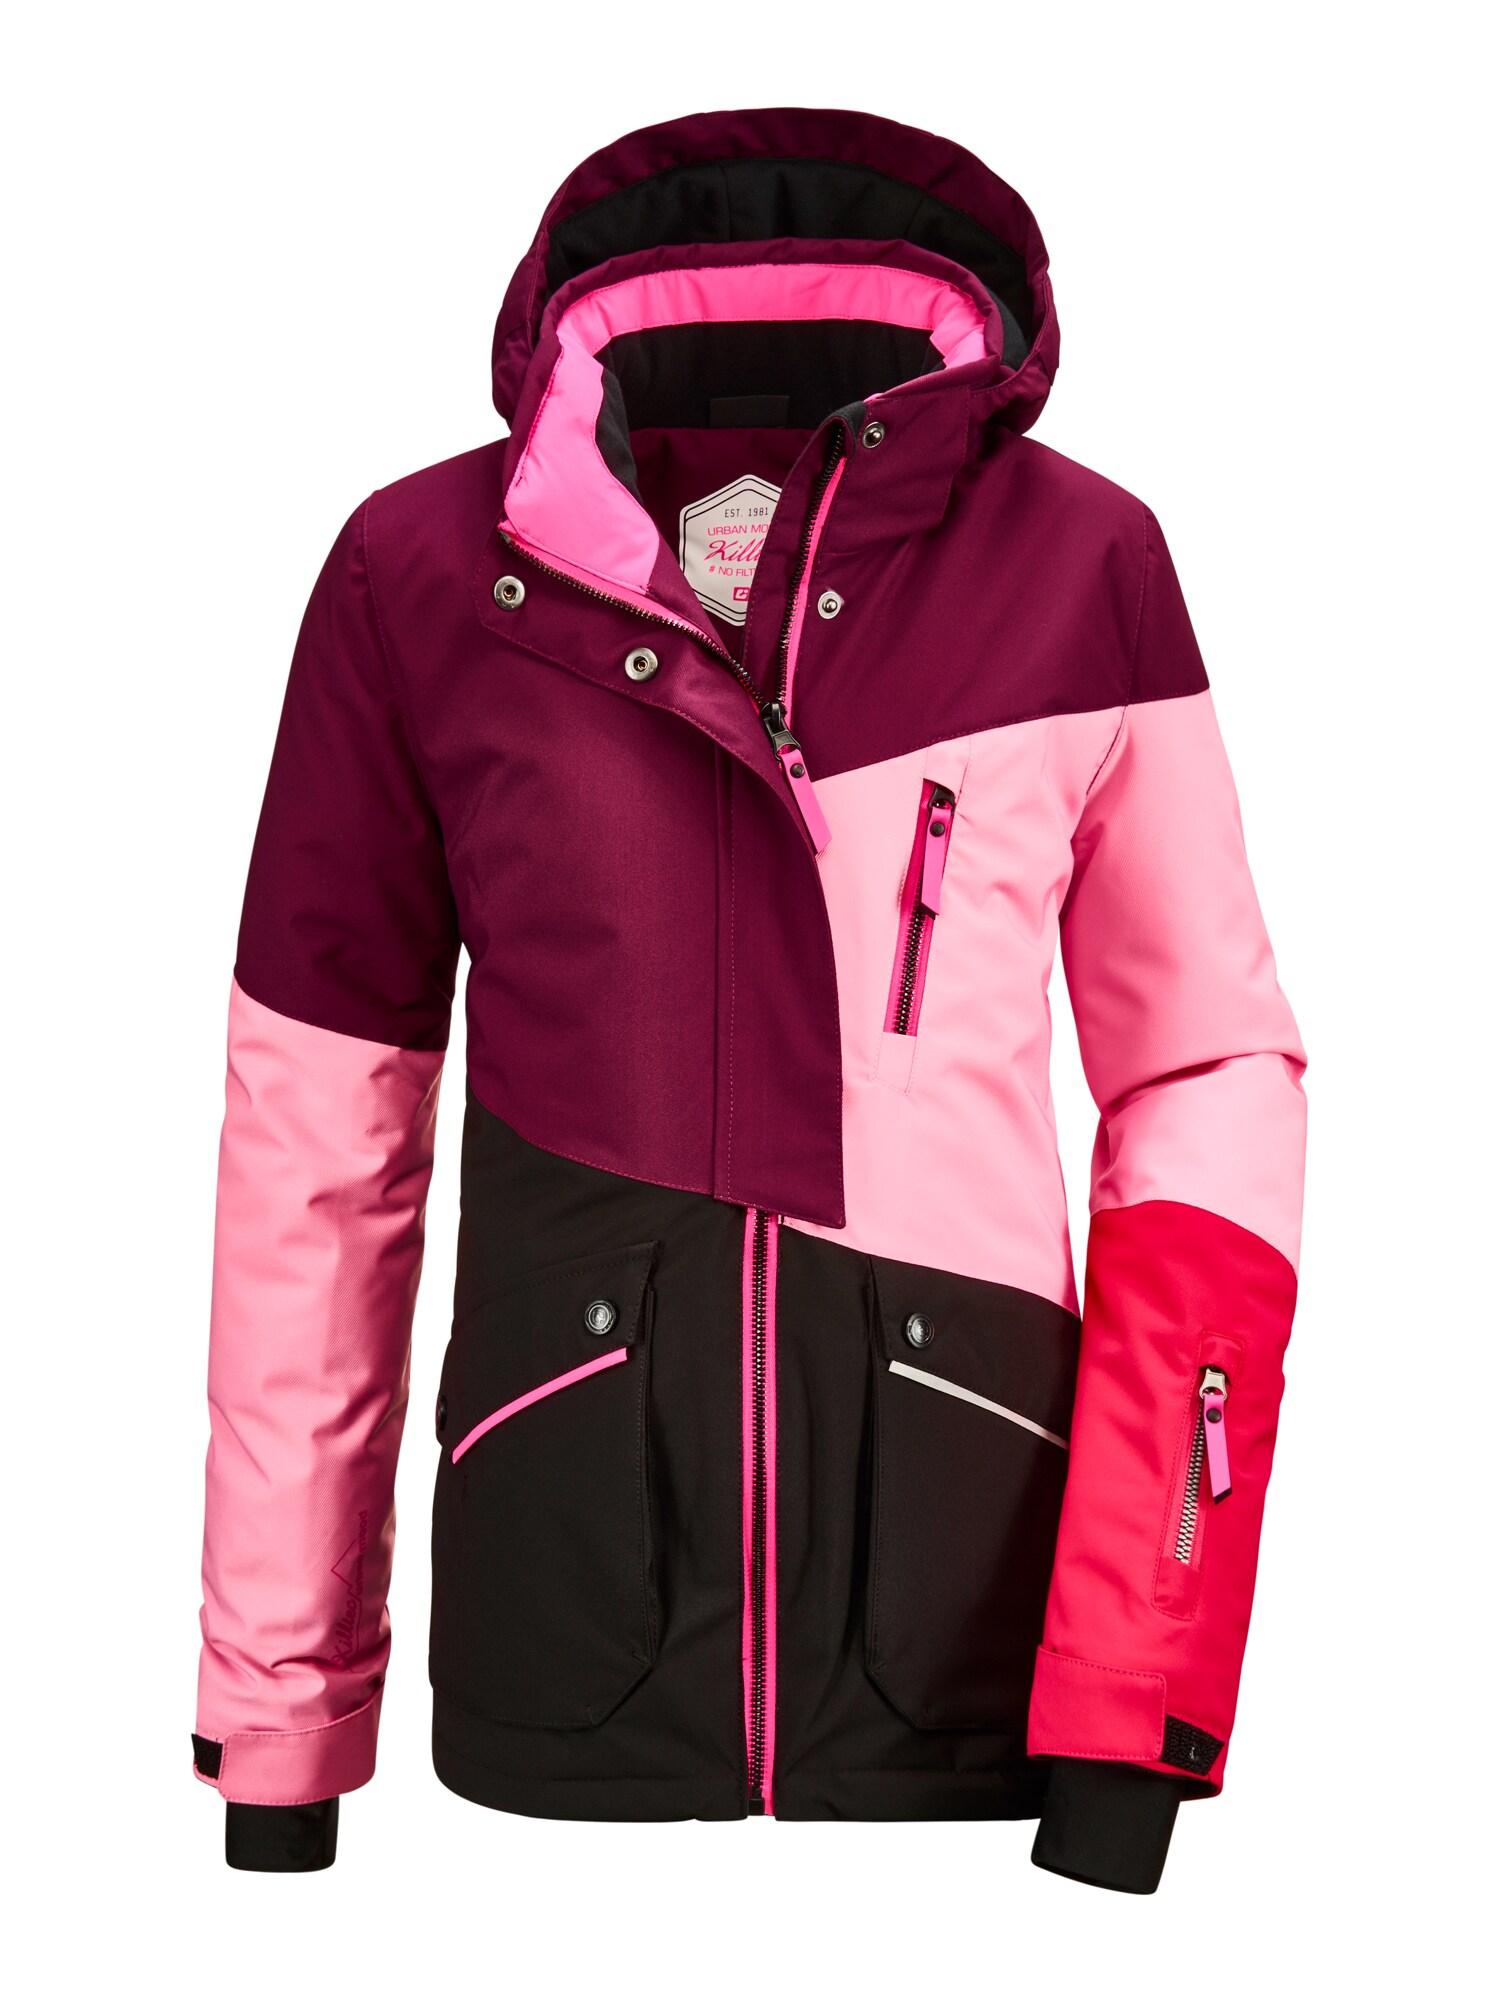 KILLTEC Laisvalaikio striukė 'Flumet' slyvų spalva / šviesiai rožinė / neoninė rožinė